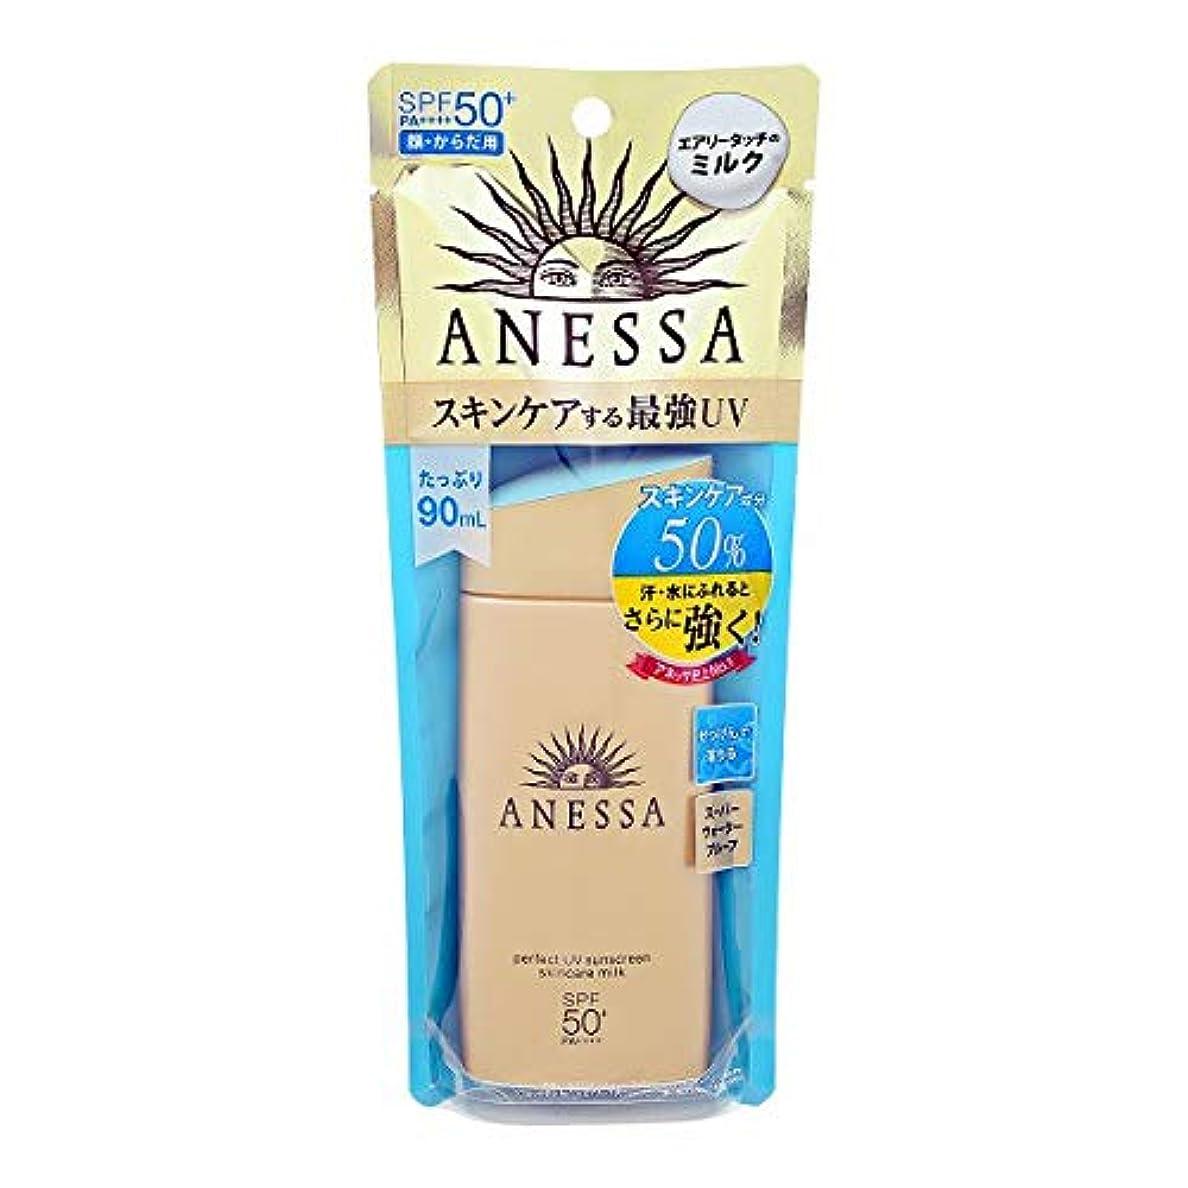 ジェスチャーロンドンボランティアアネッサ(ANESSA) パーフェクトUV スキンケアミルク 90mL [ 日焼け止め ] [並行輸入品]